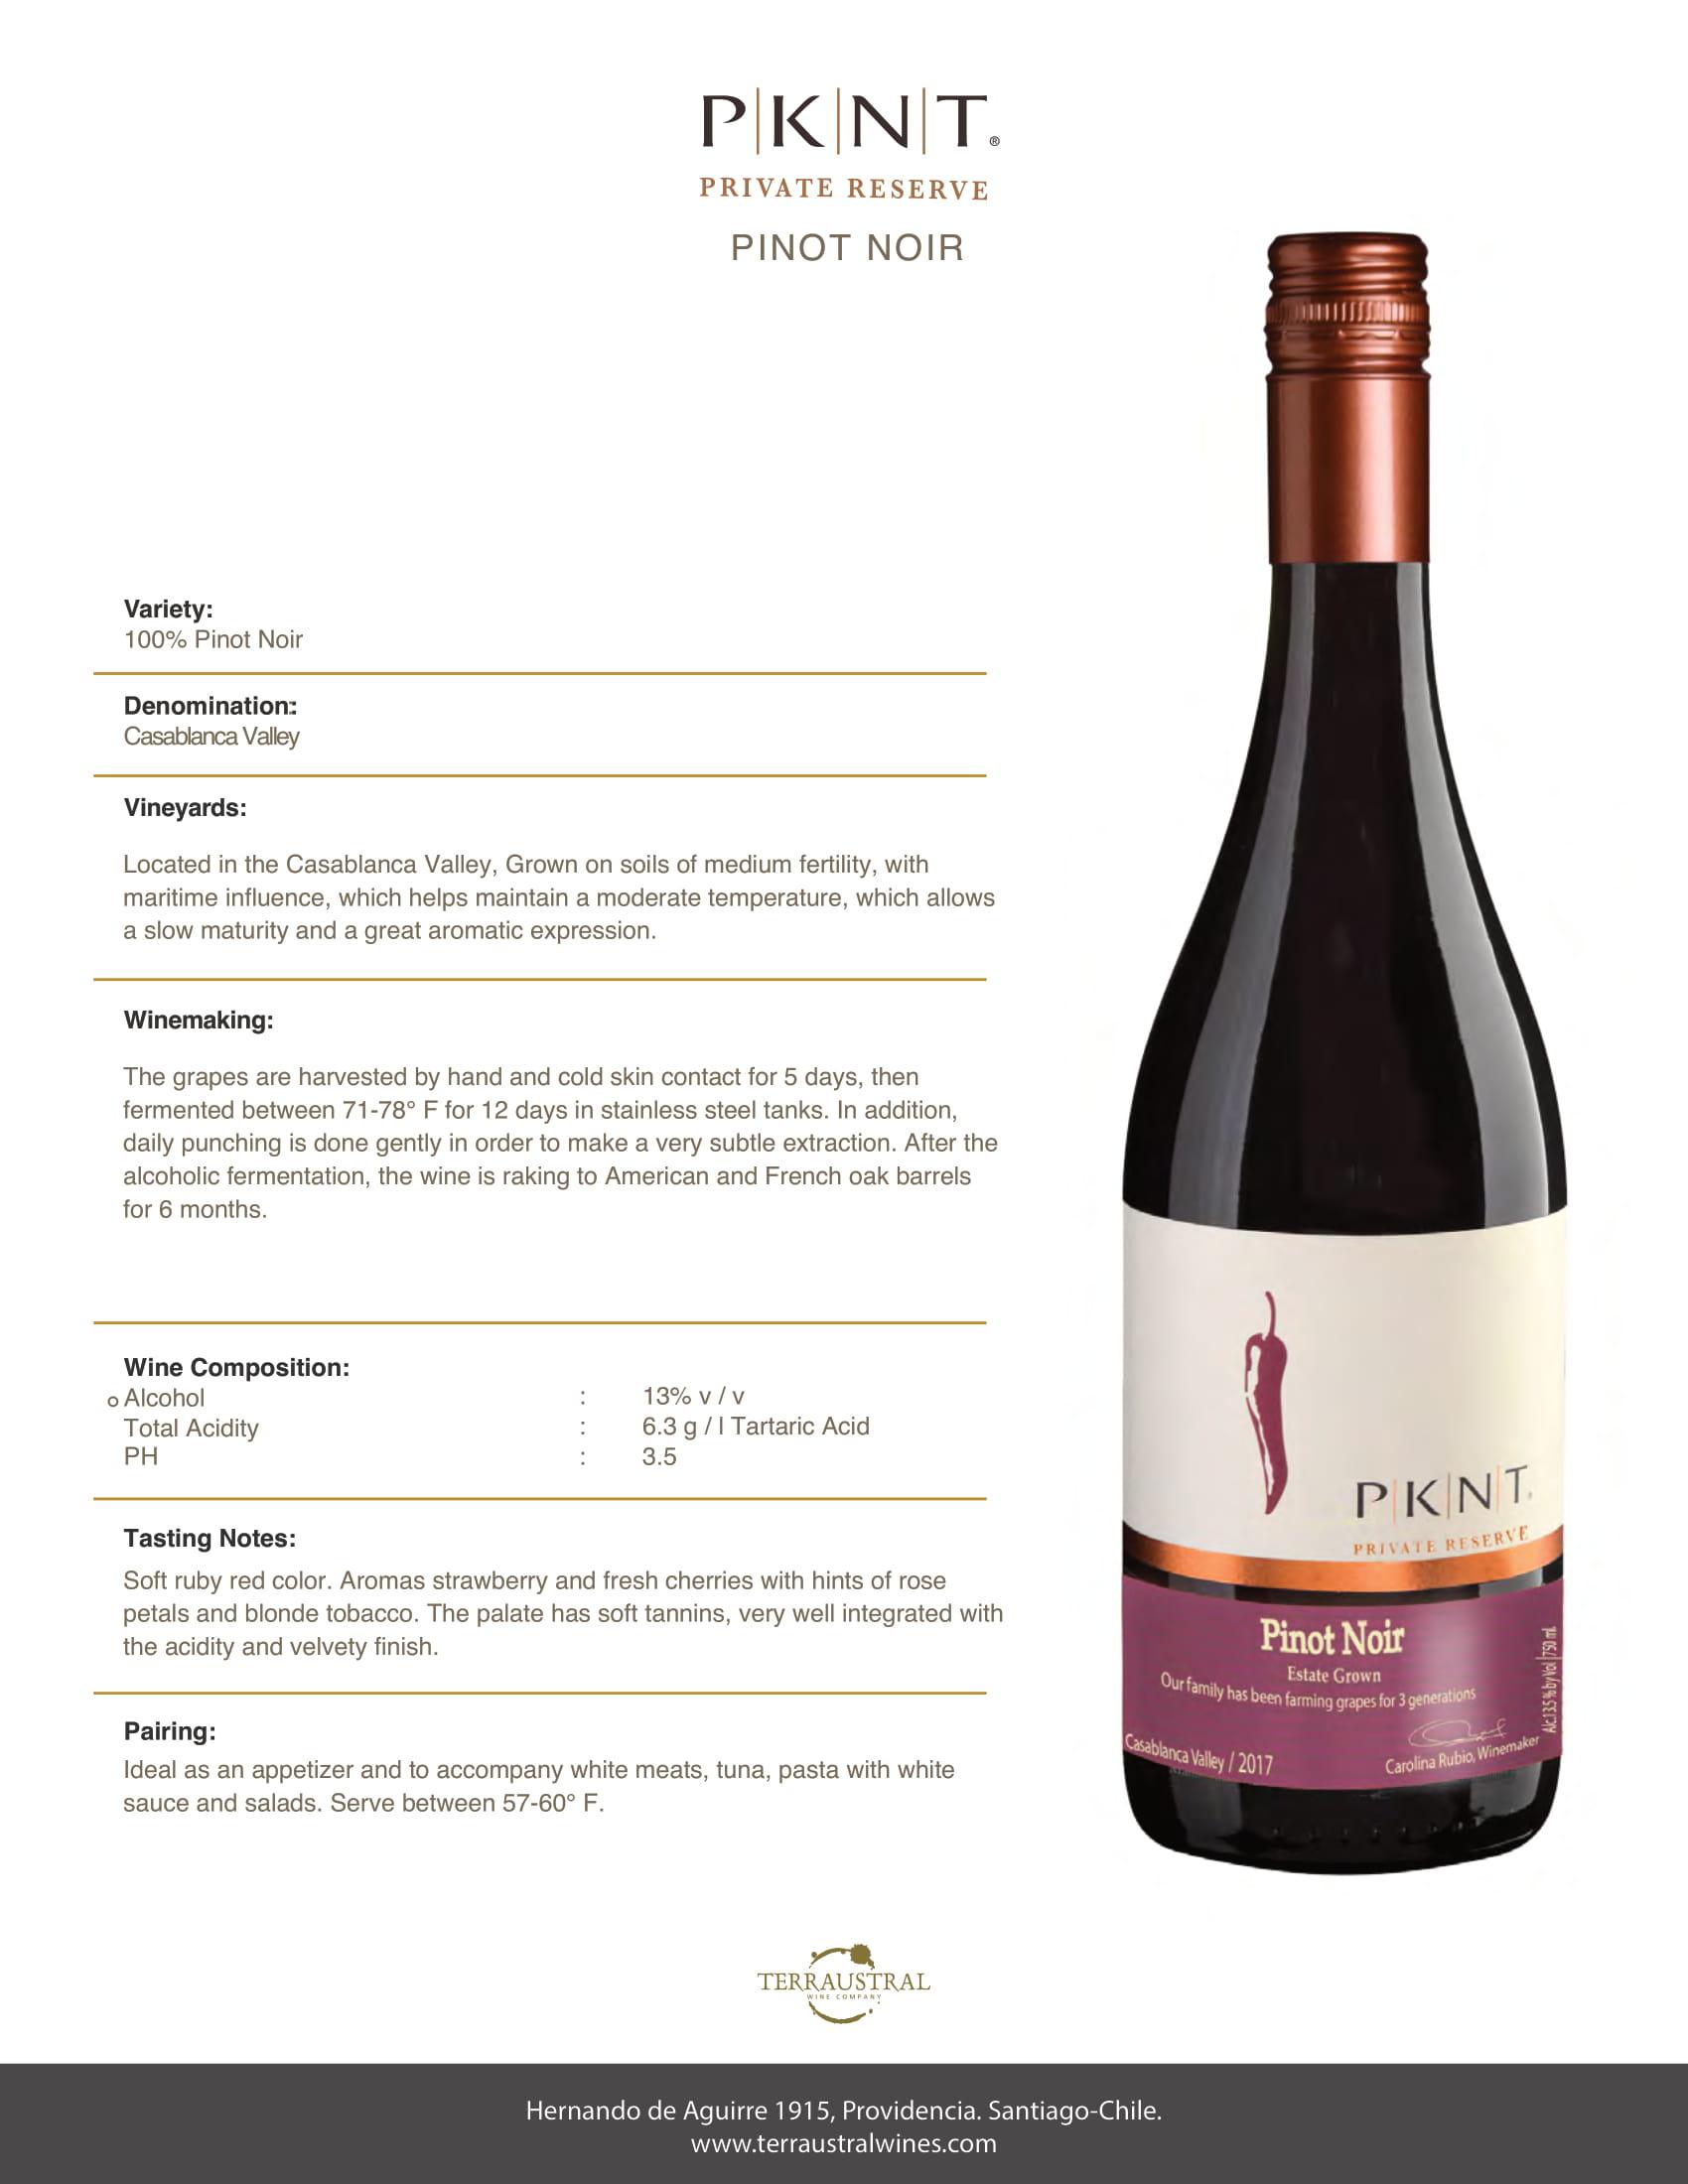 PKNT Pinot Noir Reserve Tech Sheet